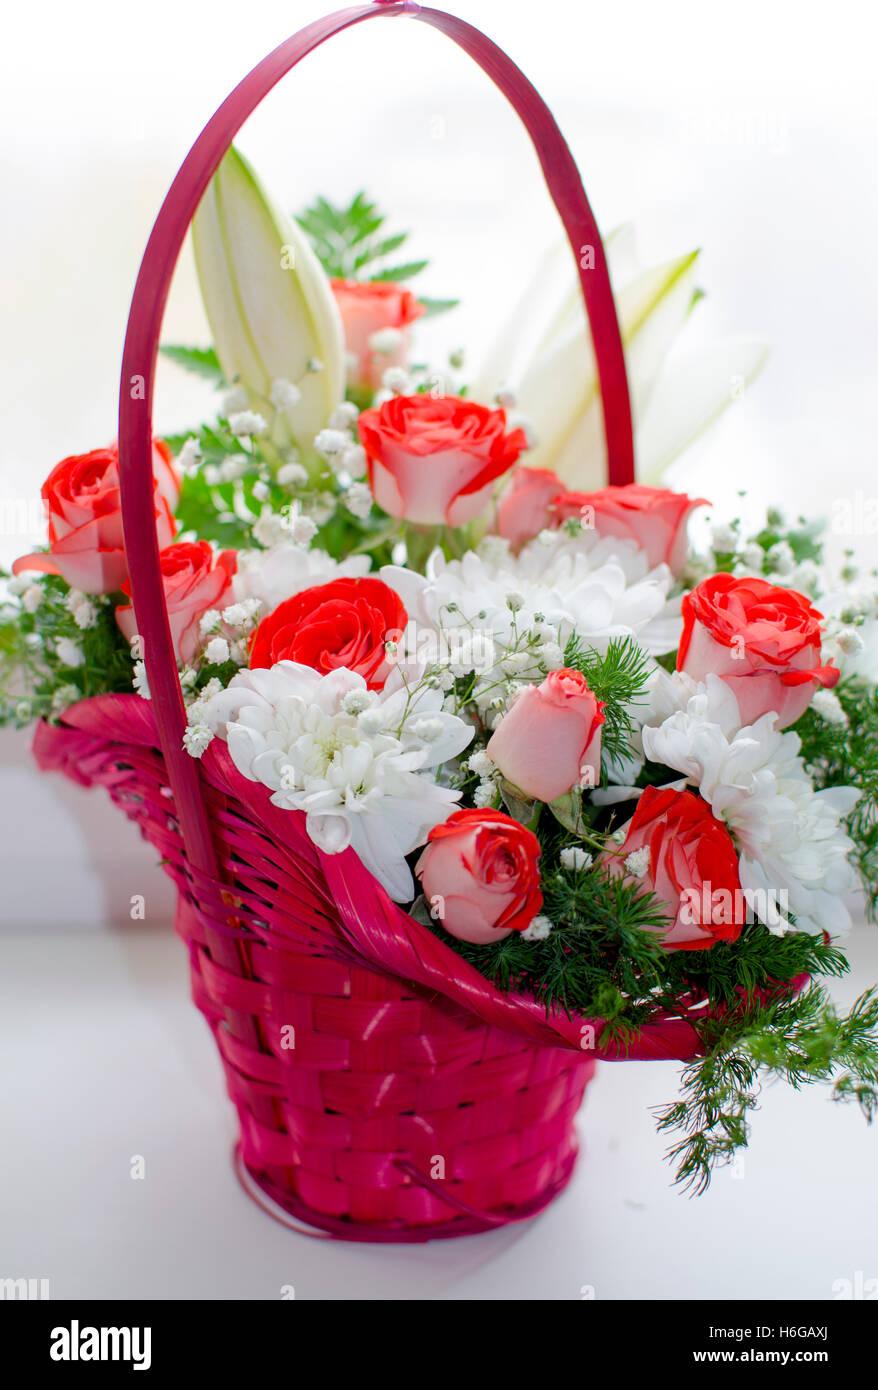 Un Bouquet Un Cadeau Une Maison De Vacances Une Plante Anniversaire Belle Anniversaire Chrysanthemes Flore Fleurs Lys Roses Photo Stock Alamy